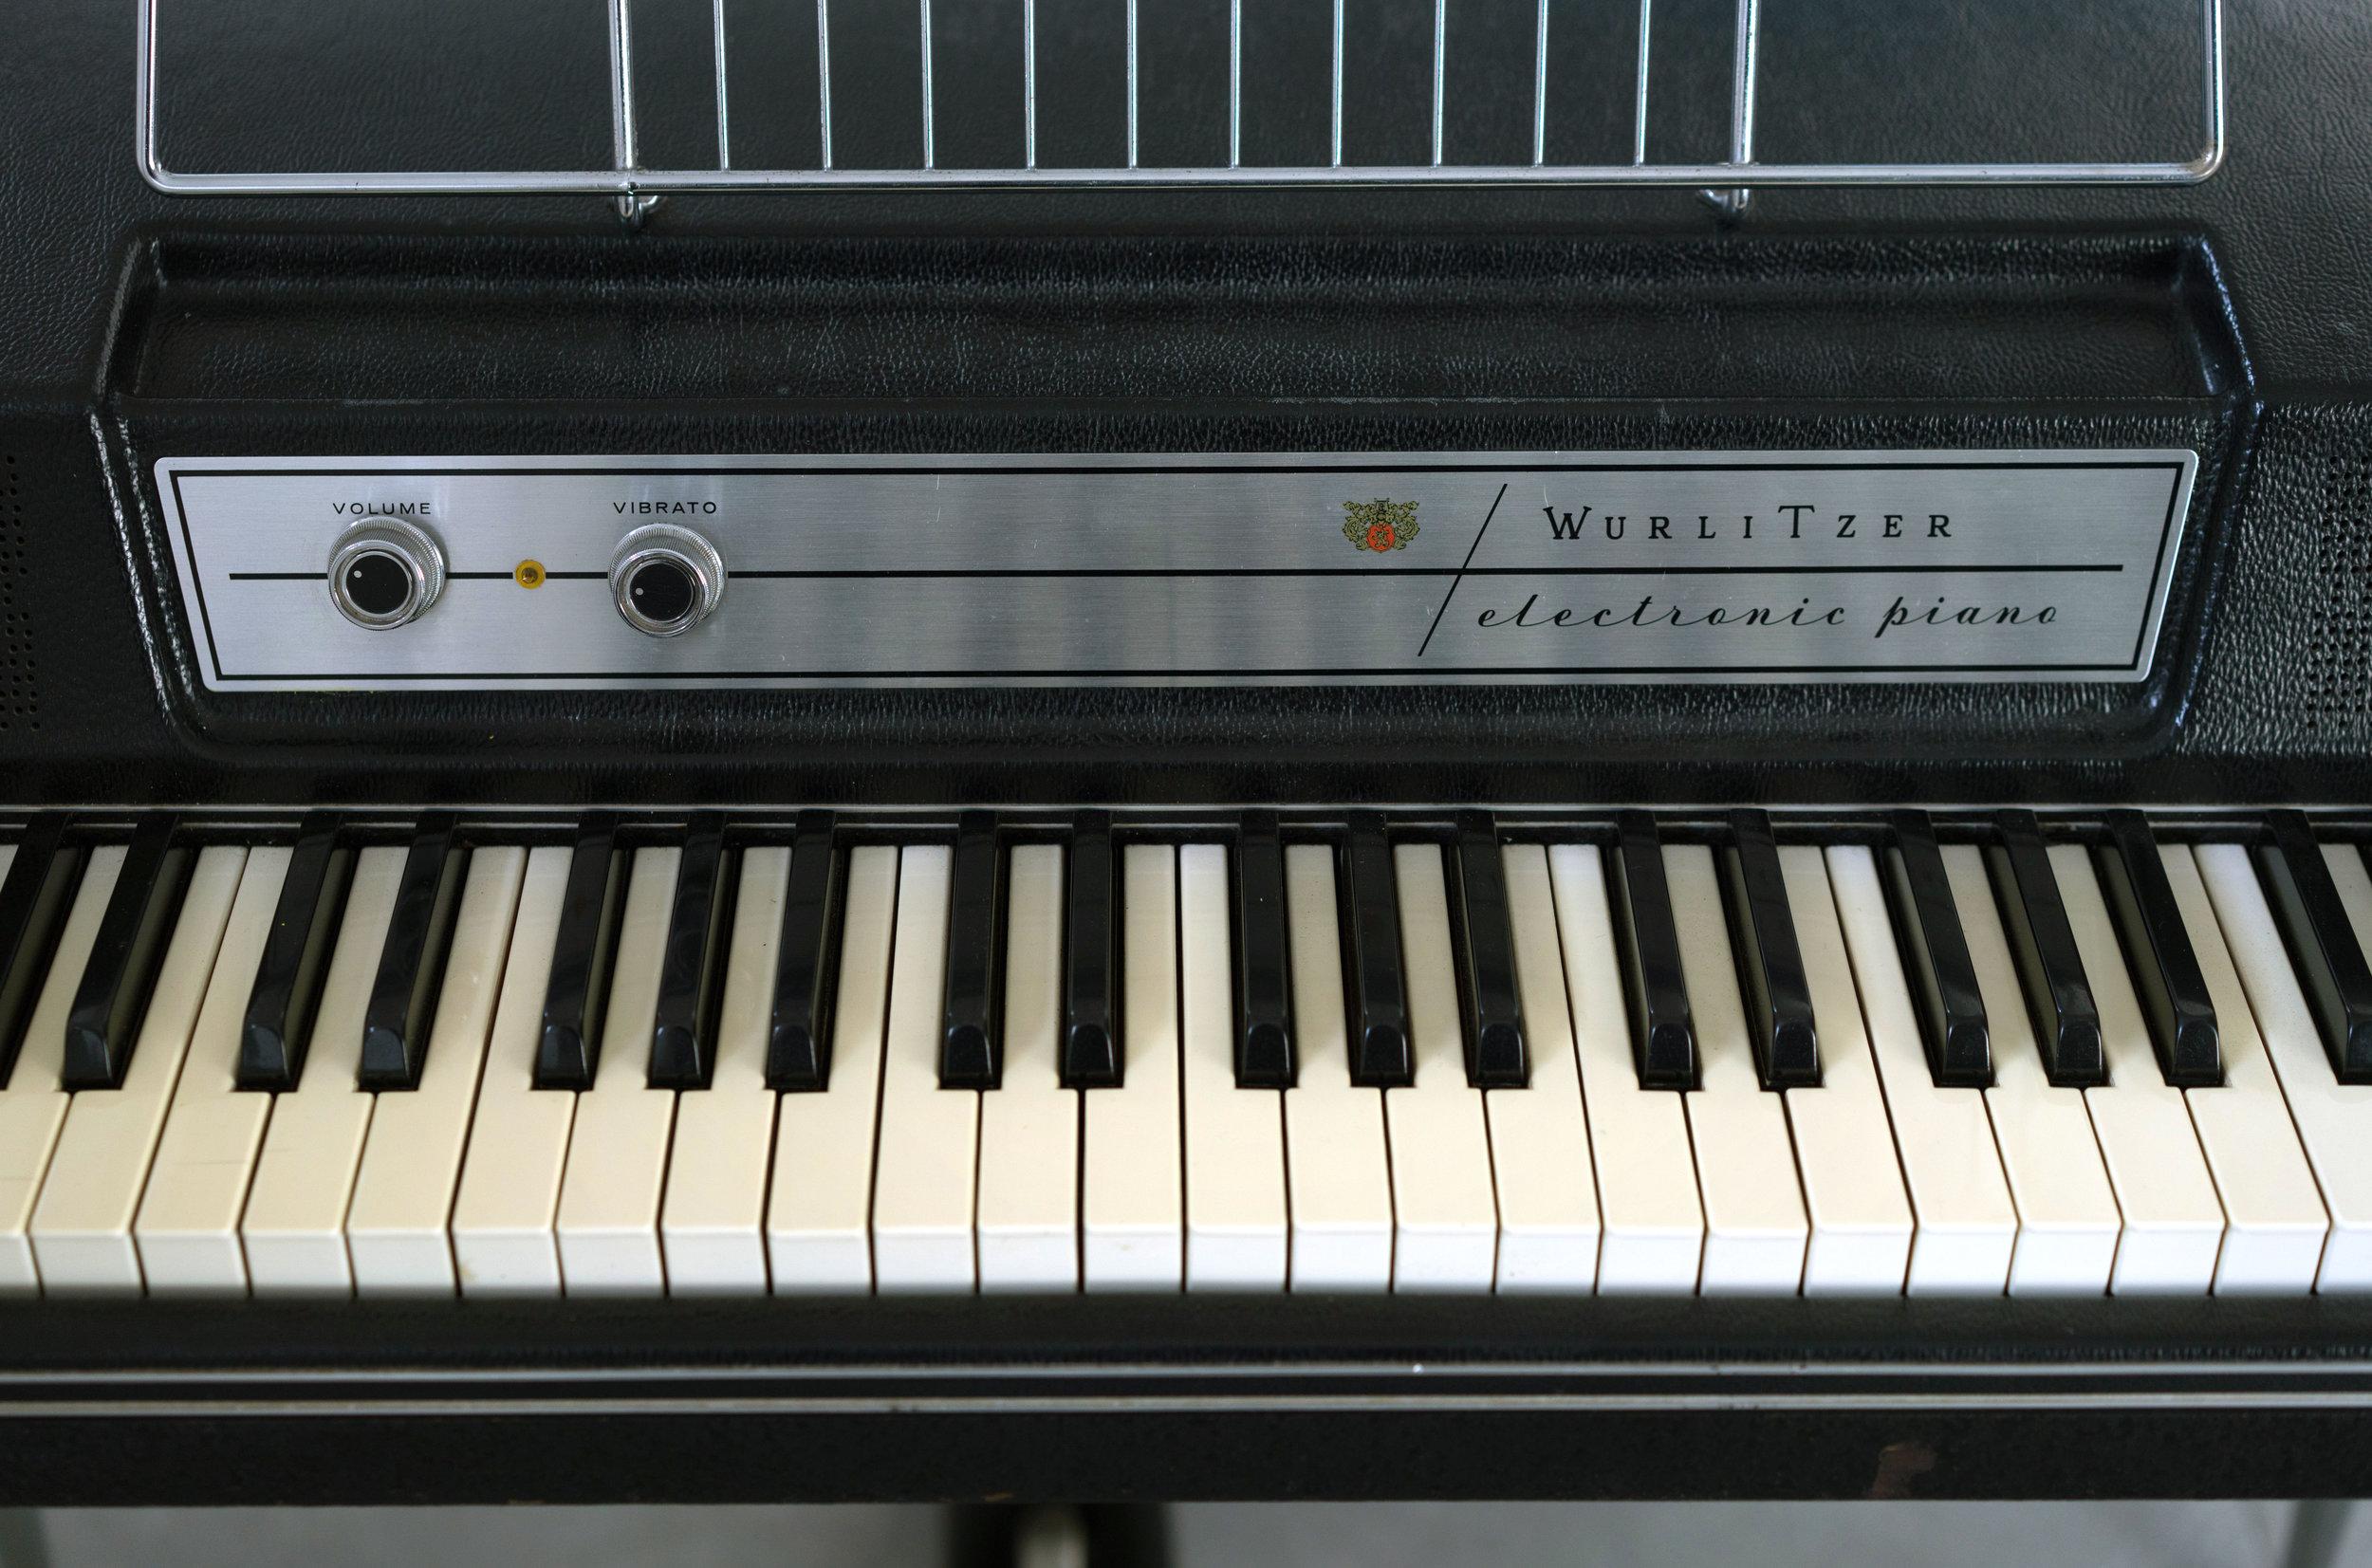 Wurlitzer 200 Volume & Vibrato Knobs